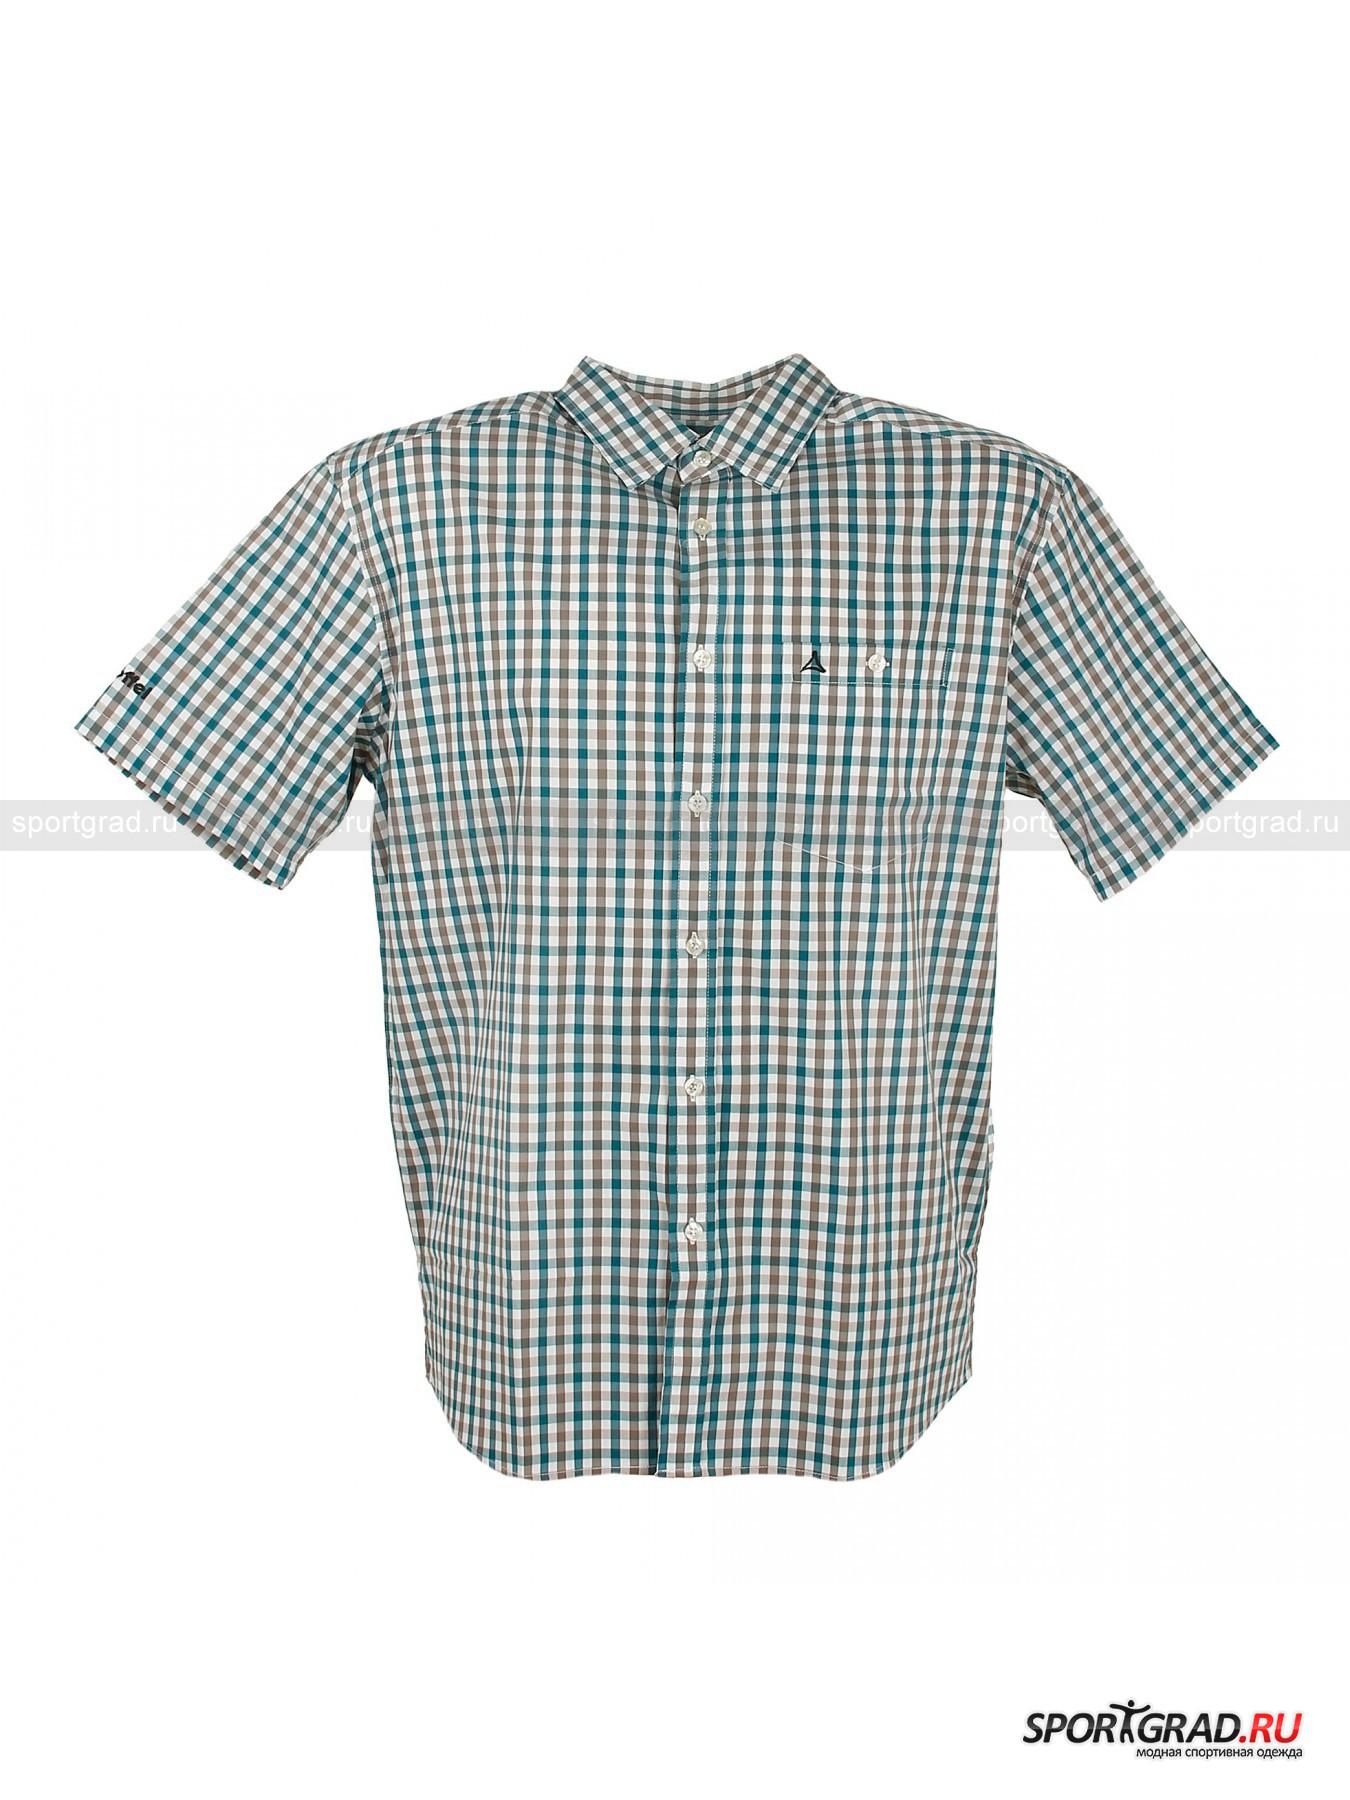 Рубашка мужская SCHOFFEL Badu от Спортград